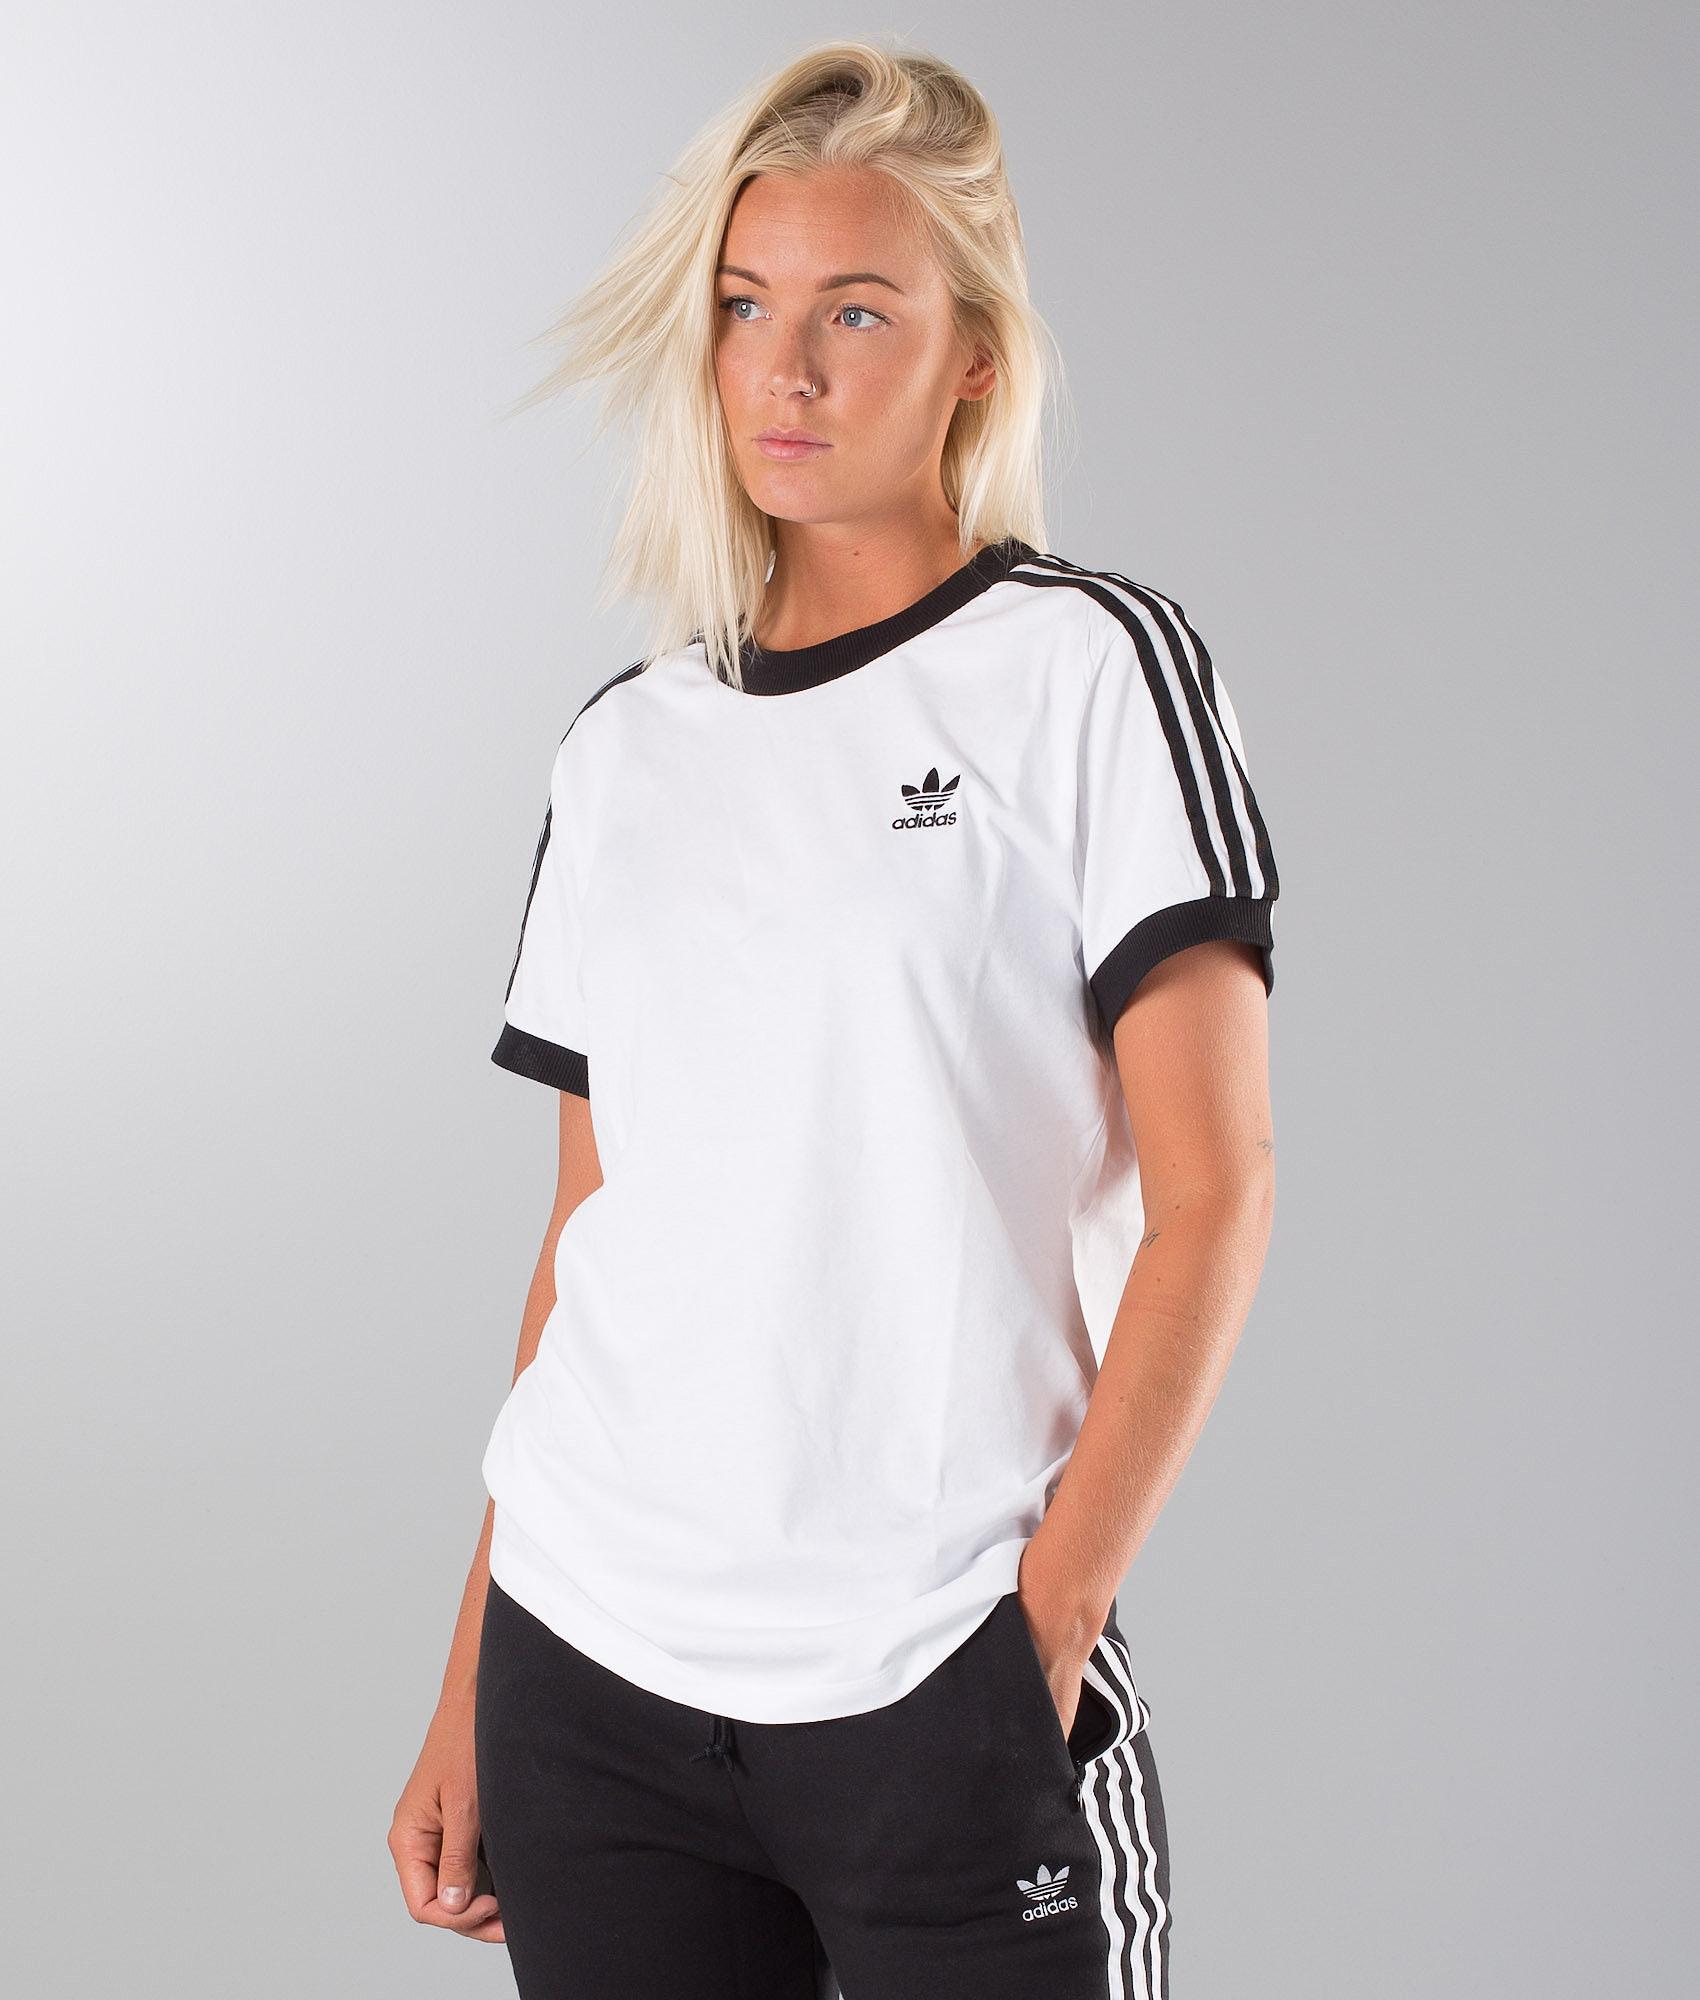 6d9afb218e Adidas Originals 3 Stripes T-shirt White - Ridestore.com